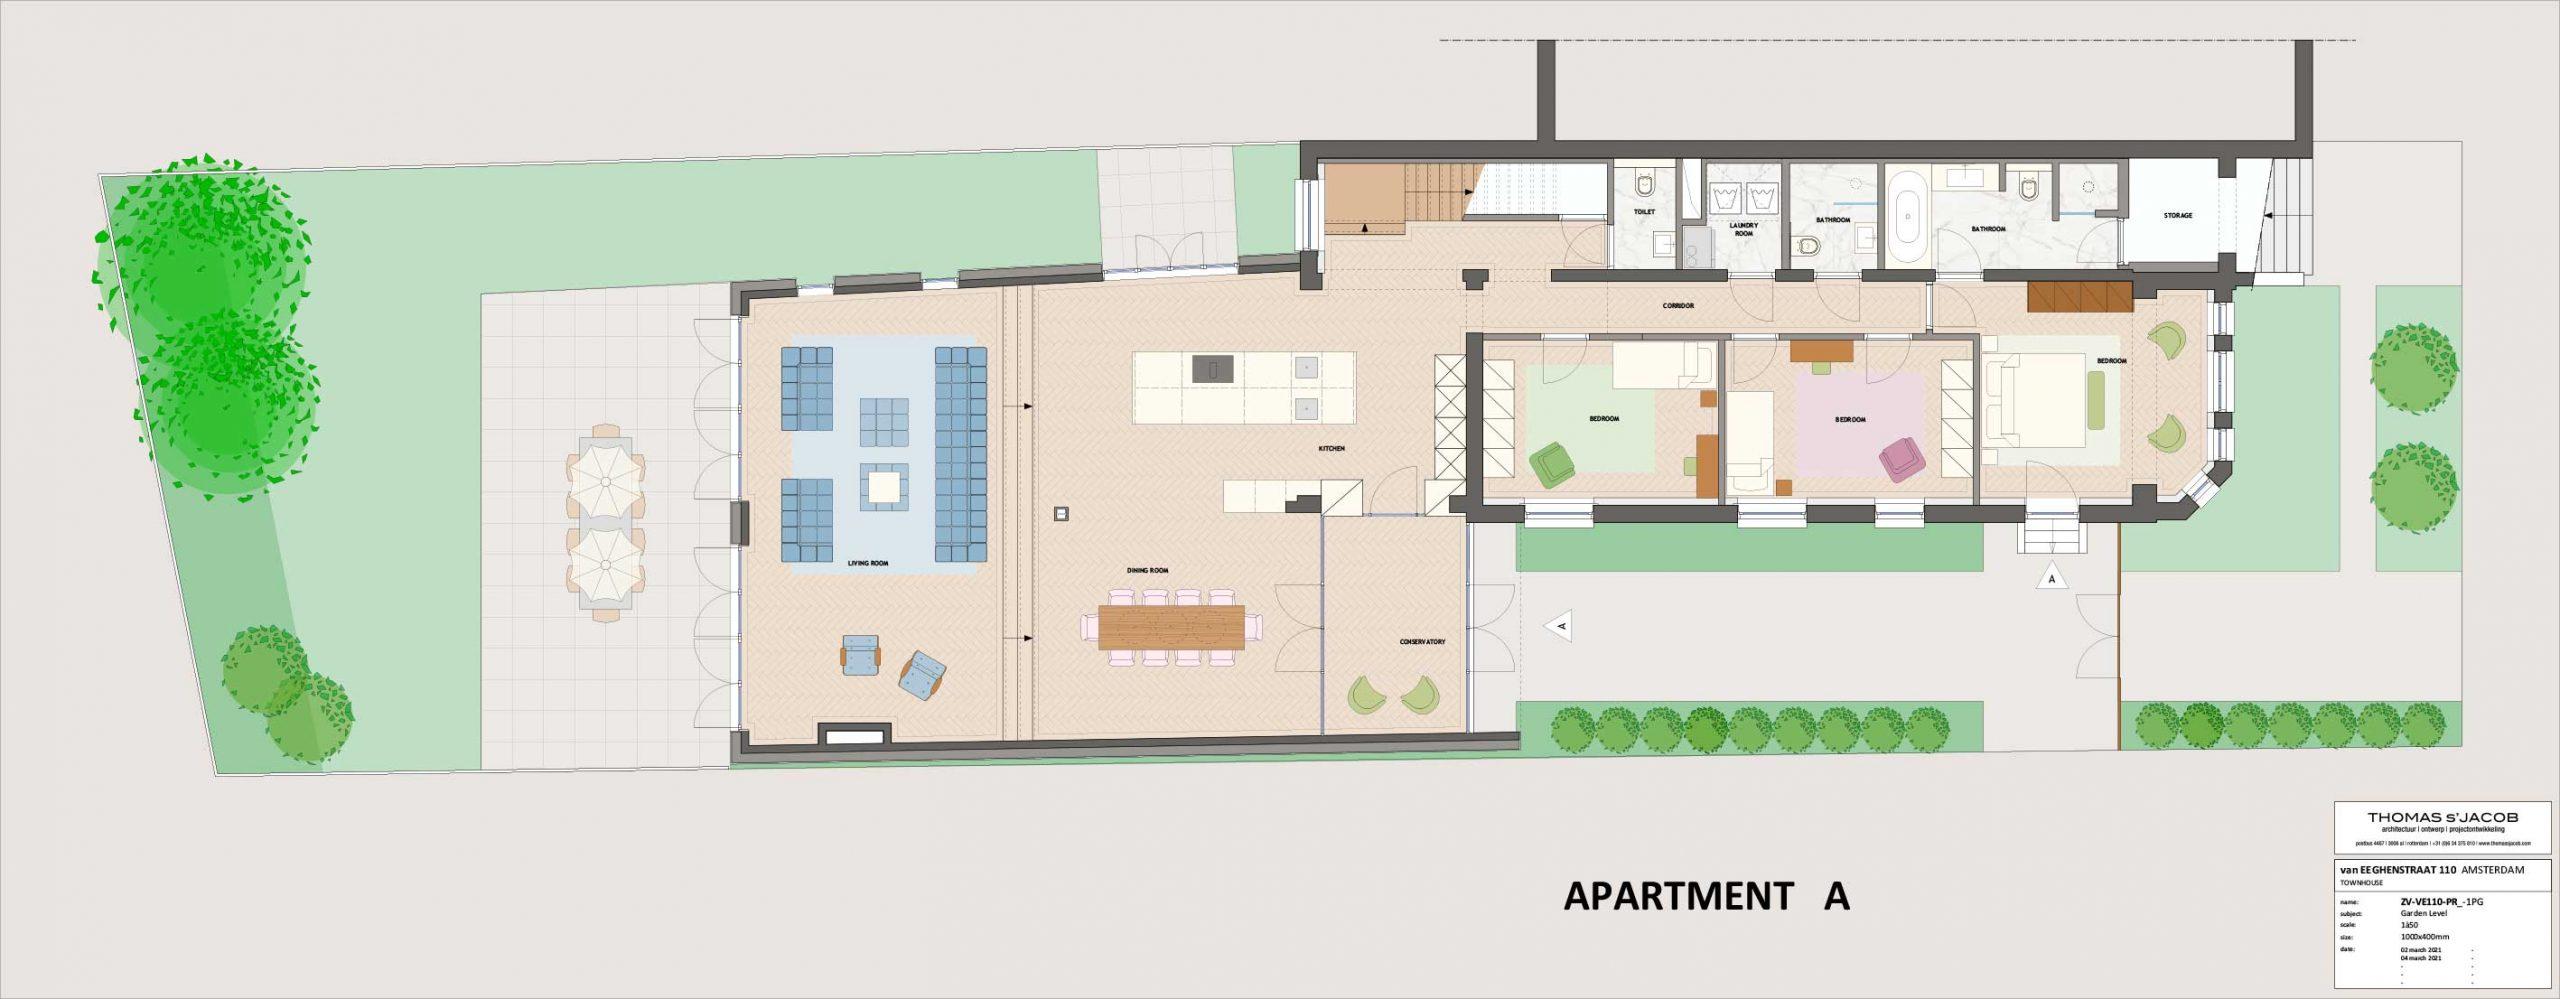 plattegrond vaneeghenstraat 110 appartement A